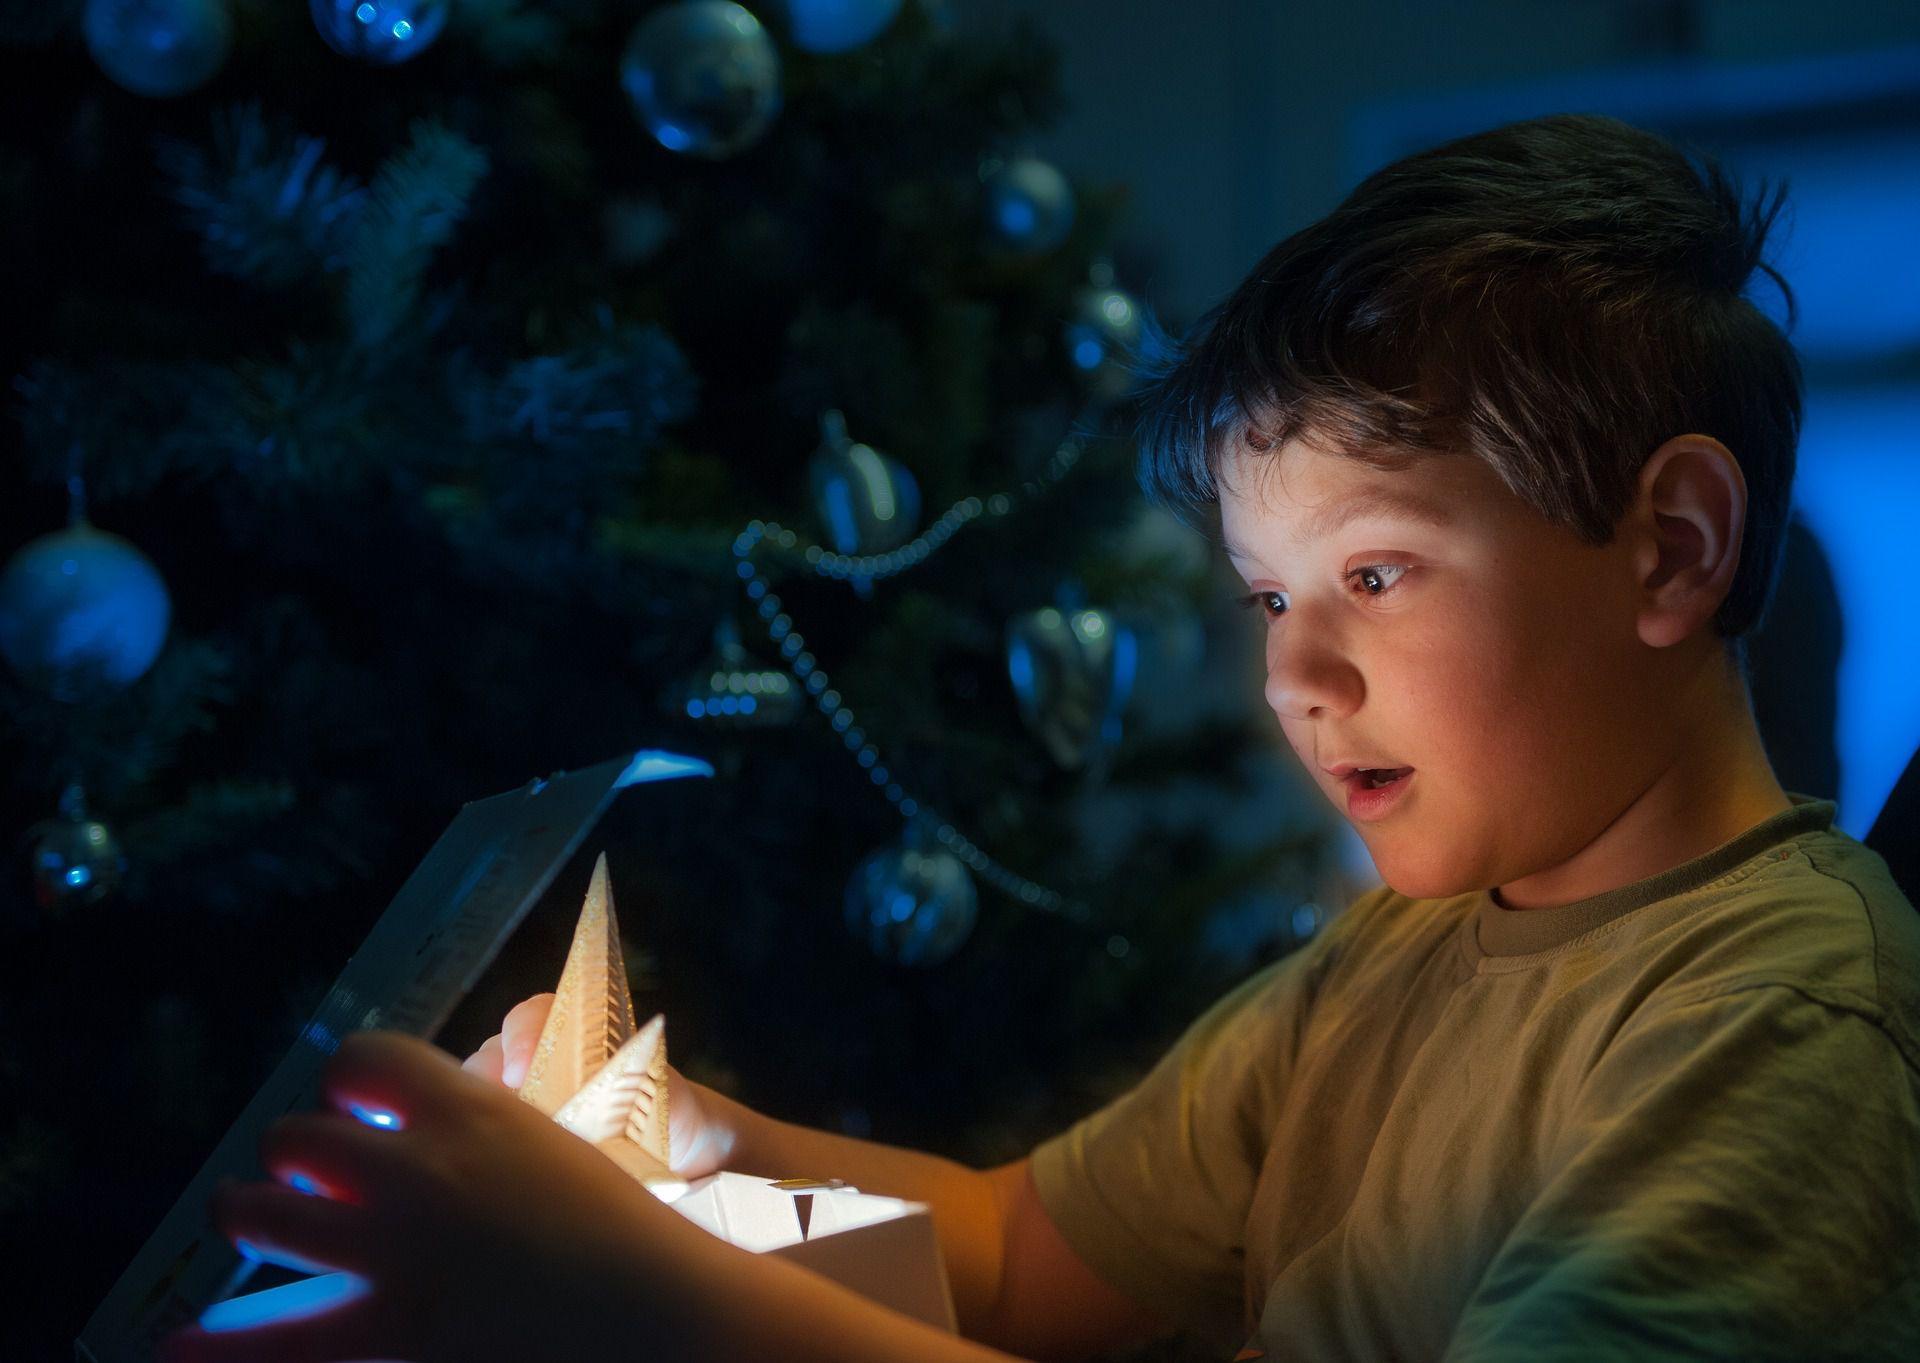 Garçons De 10 Ans : Les Meilleures Idées Cadeaux ! - Le Parisien avec Jeux Gratuit Pour Garçon 5 Ans